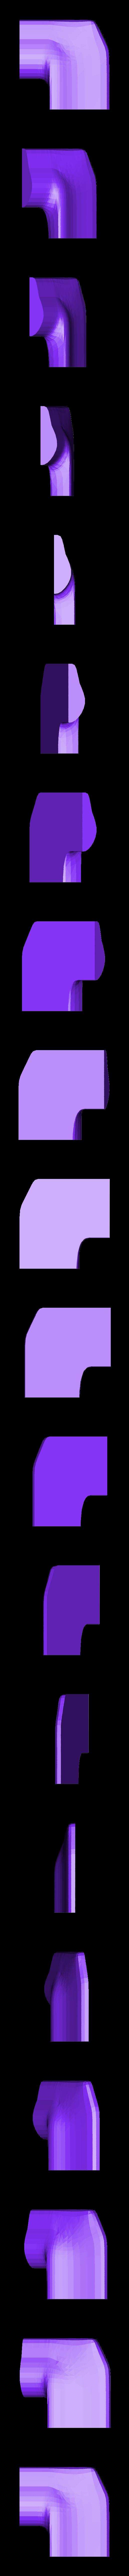 corner_bit.stl Télécharger fichier STL gratuit Clé paramétrique multidirectionnelle • Objet imprimable en 3D, aevafortinhi